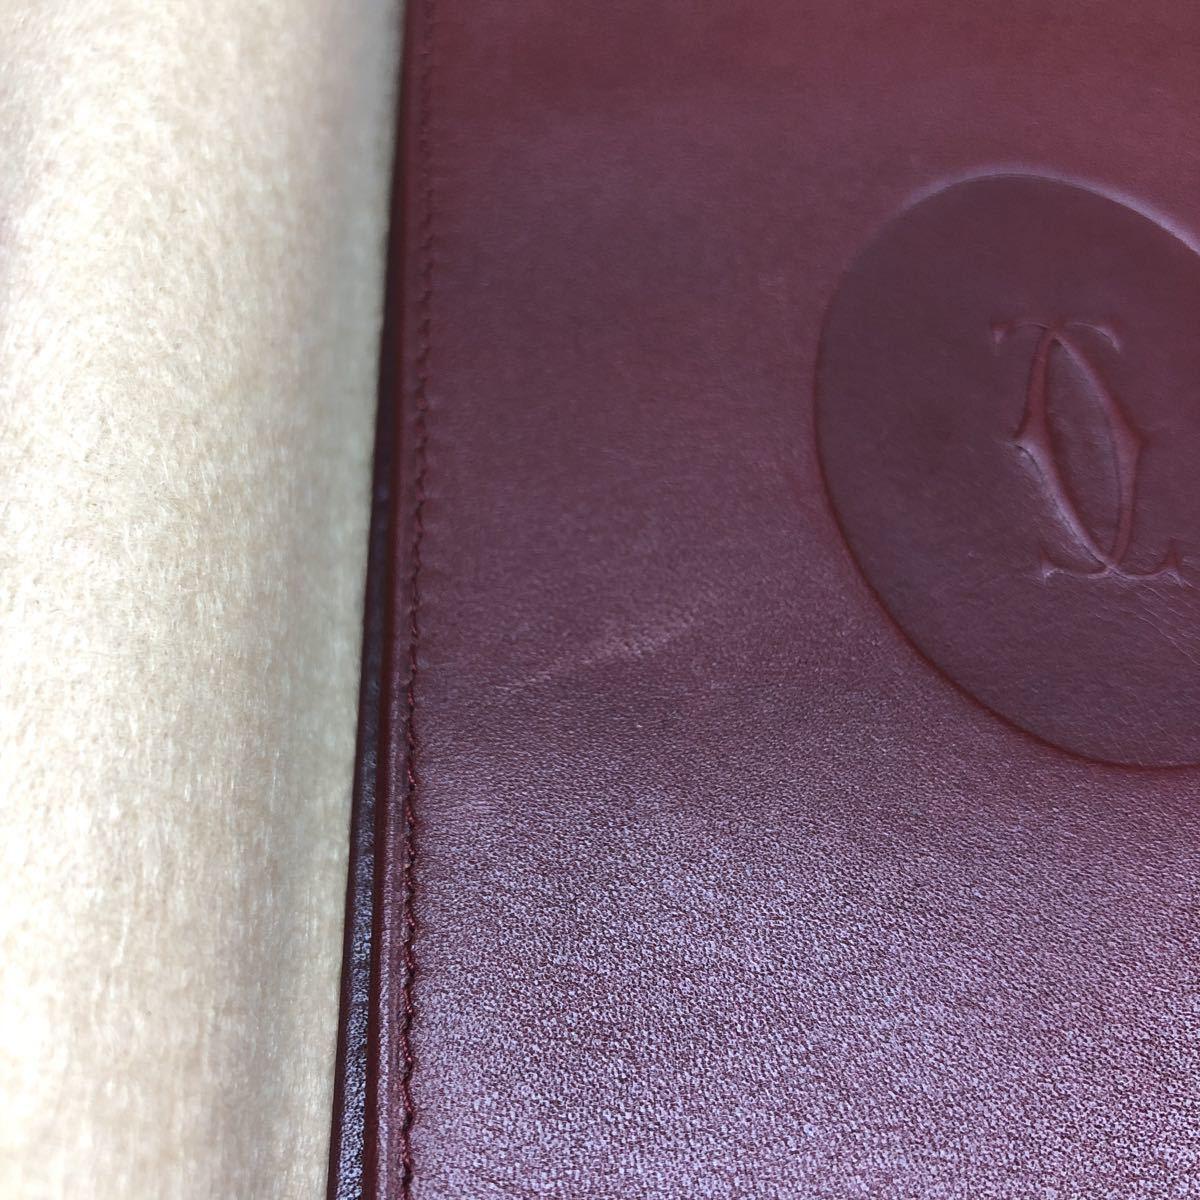 【未使用保管品】must de Cartier マストライン 長財布 札入れ 小銭入れ 計2点_画像10